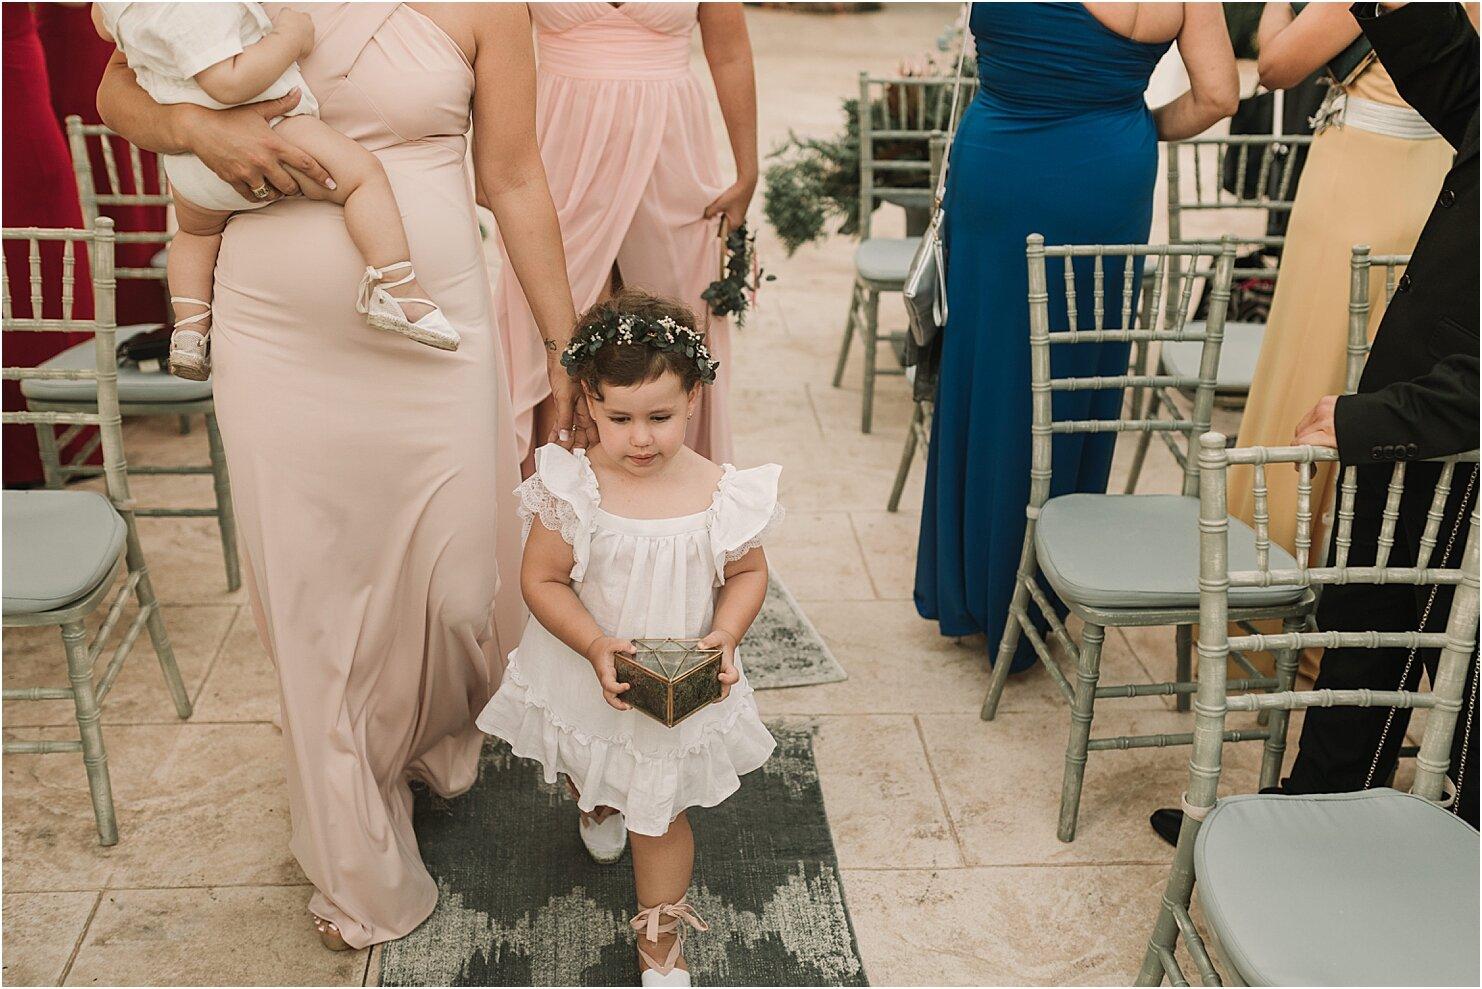 boda-romantica-boda-boho-vestido-de-novia-laura-lomas12.jpg